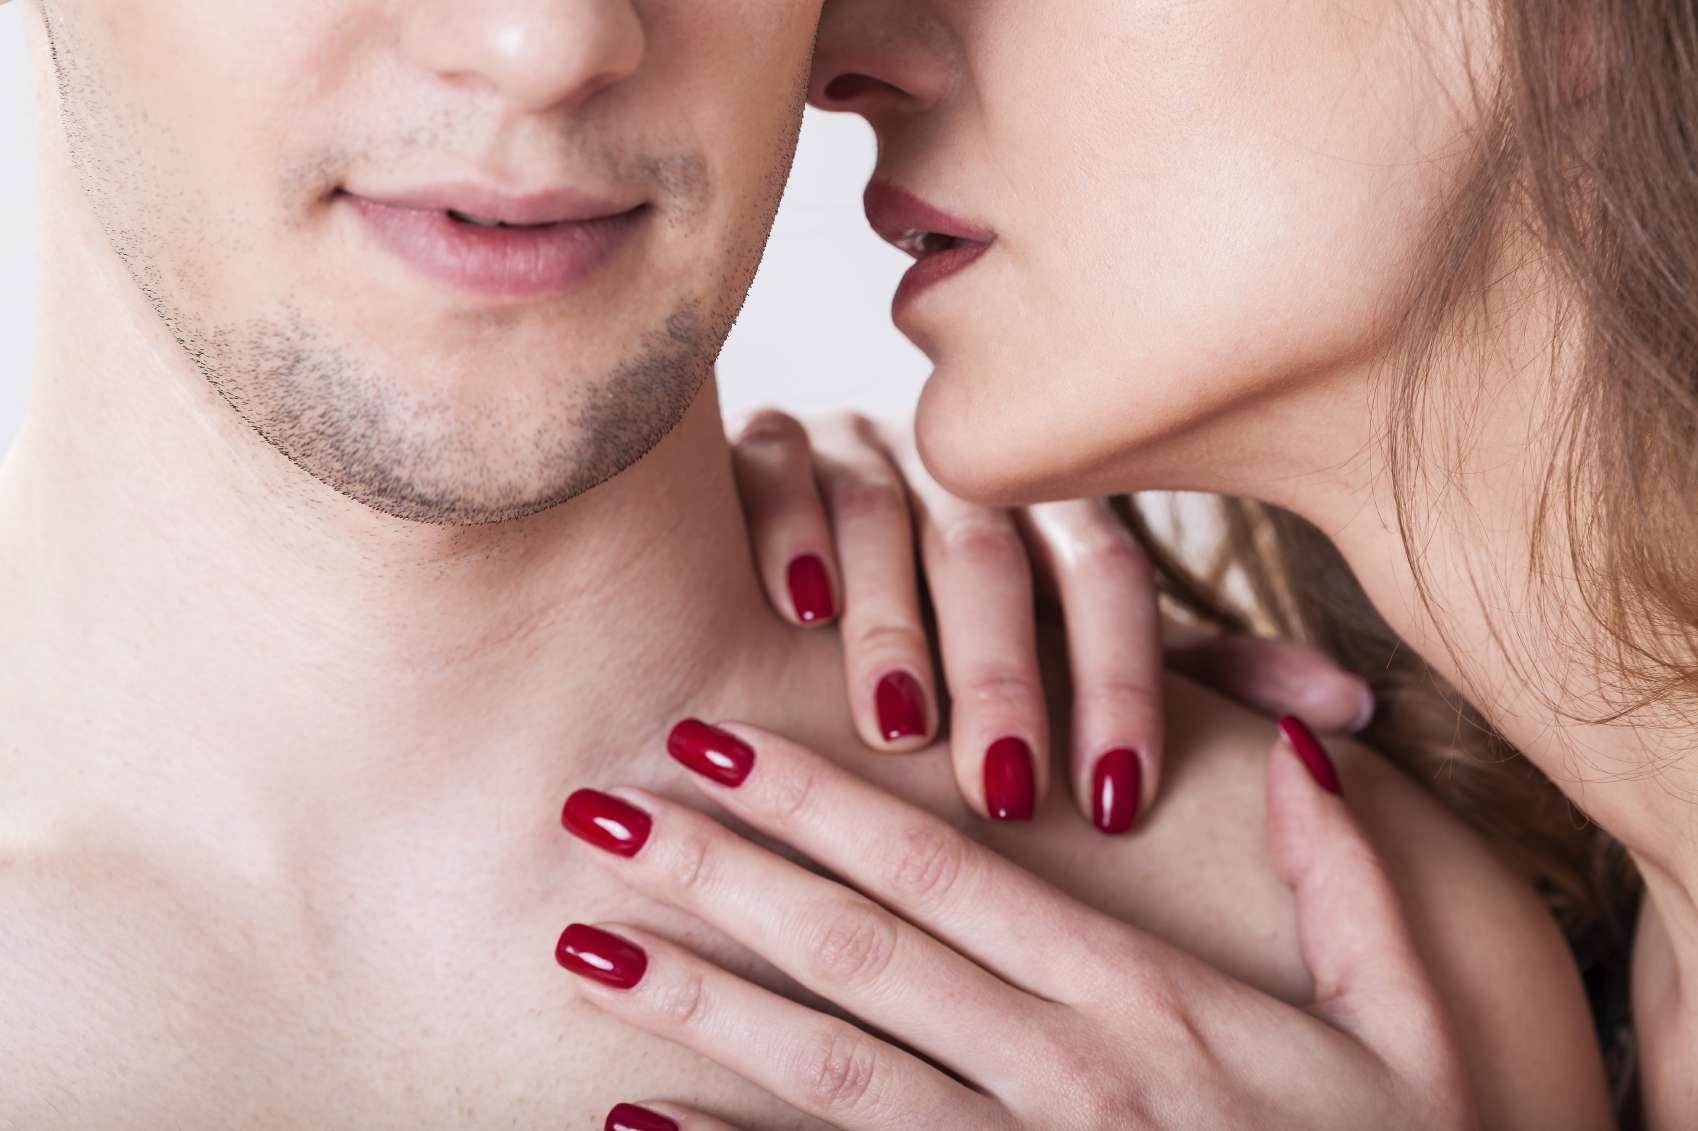 Manifestar el deseo sexual a la pareja no tiene por qué ser una razón de vergüenza. Foto: iStock